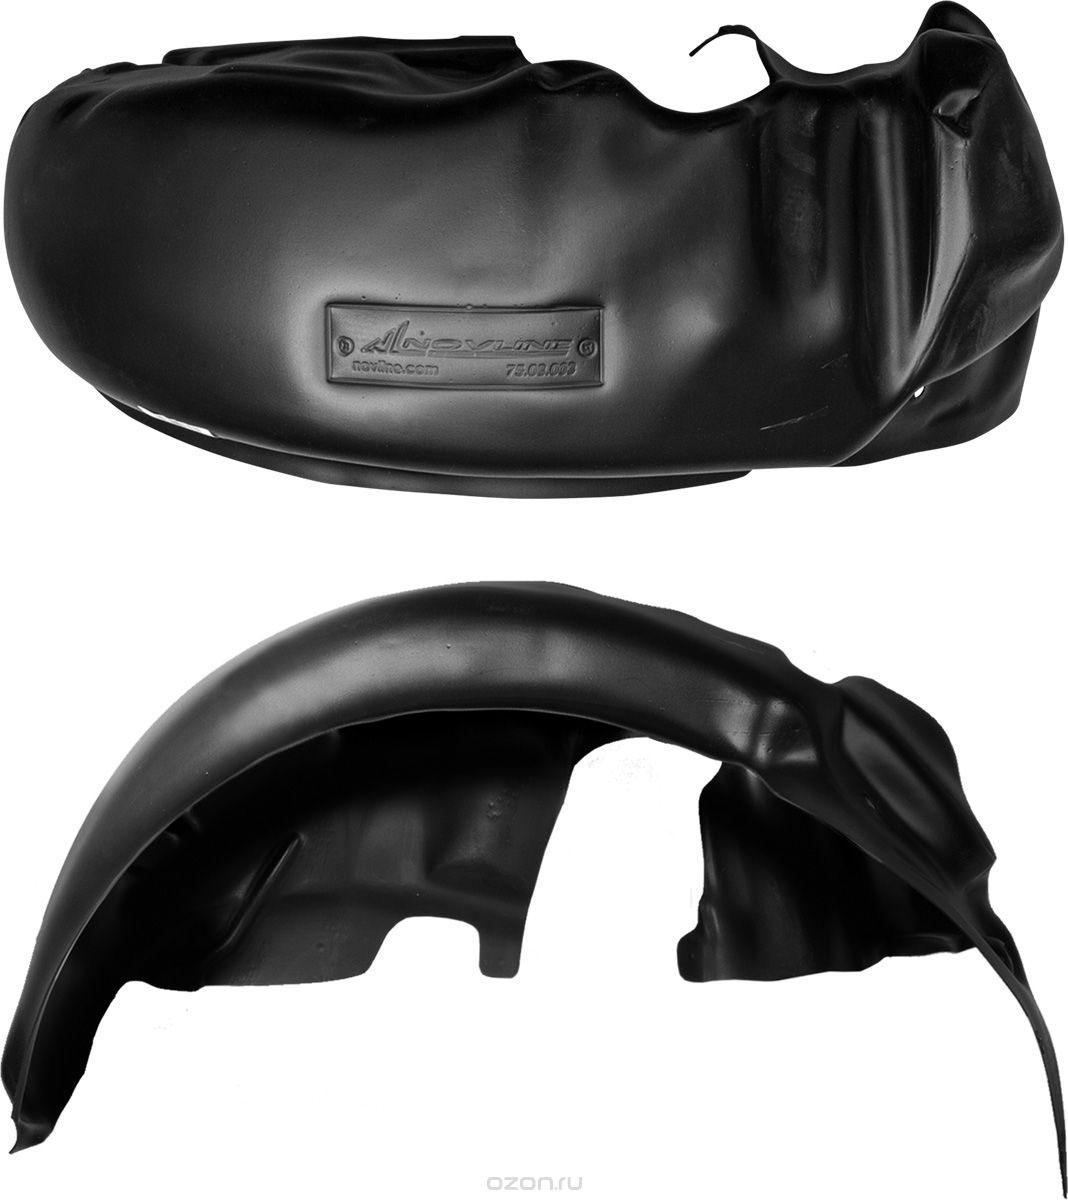 Подкрылок Novline-Autofamily, для Isuzu D-MAX, 2016->, задний левыйNLL.21.01.003Идеальная защита колесной ниши. Локеры разработаны с применением цифровых технологий, гарантируют максимальную повторяемость поверхности арки. Изделия устанавливаются без нарушения лакокрасочного покрытия автомобиля, каждый подкрылок комплектуется крепежом. Уважаемые клиенты, обращаем ваше внимание, что фотографии на подкрылки универсальные и не отражают реальную форму изделия. При этом само изделие идет точно под размер указанного автомобиля.